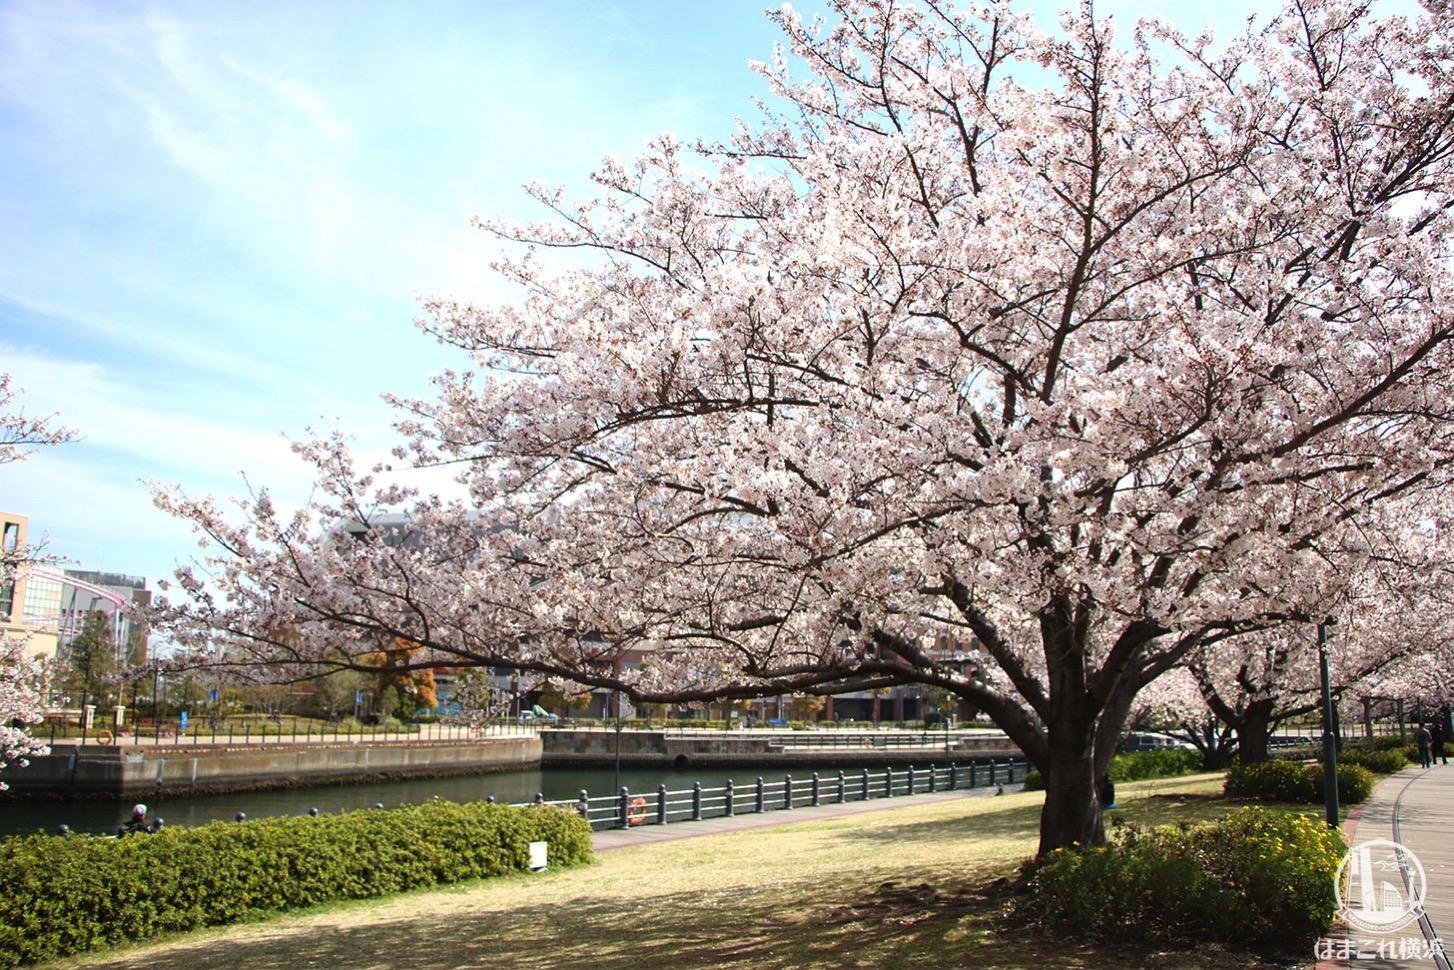 運河に咲く満開の桜